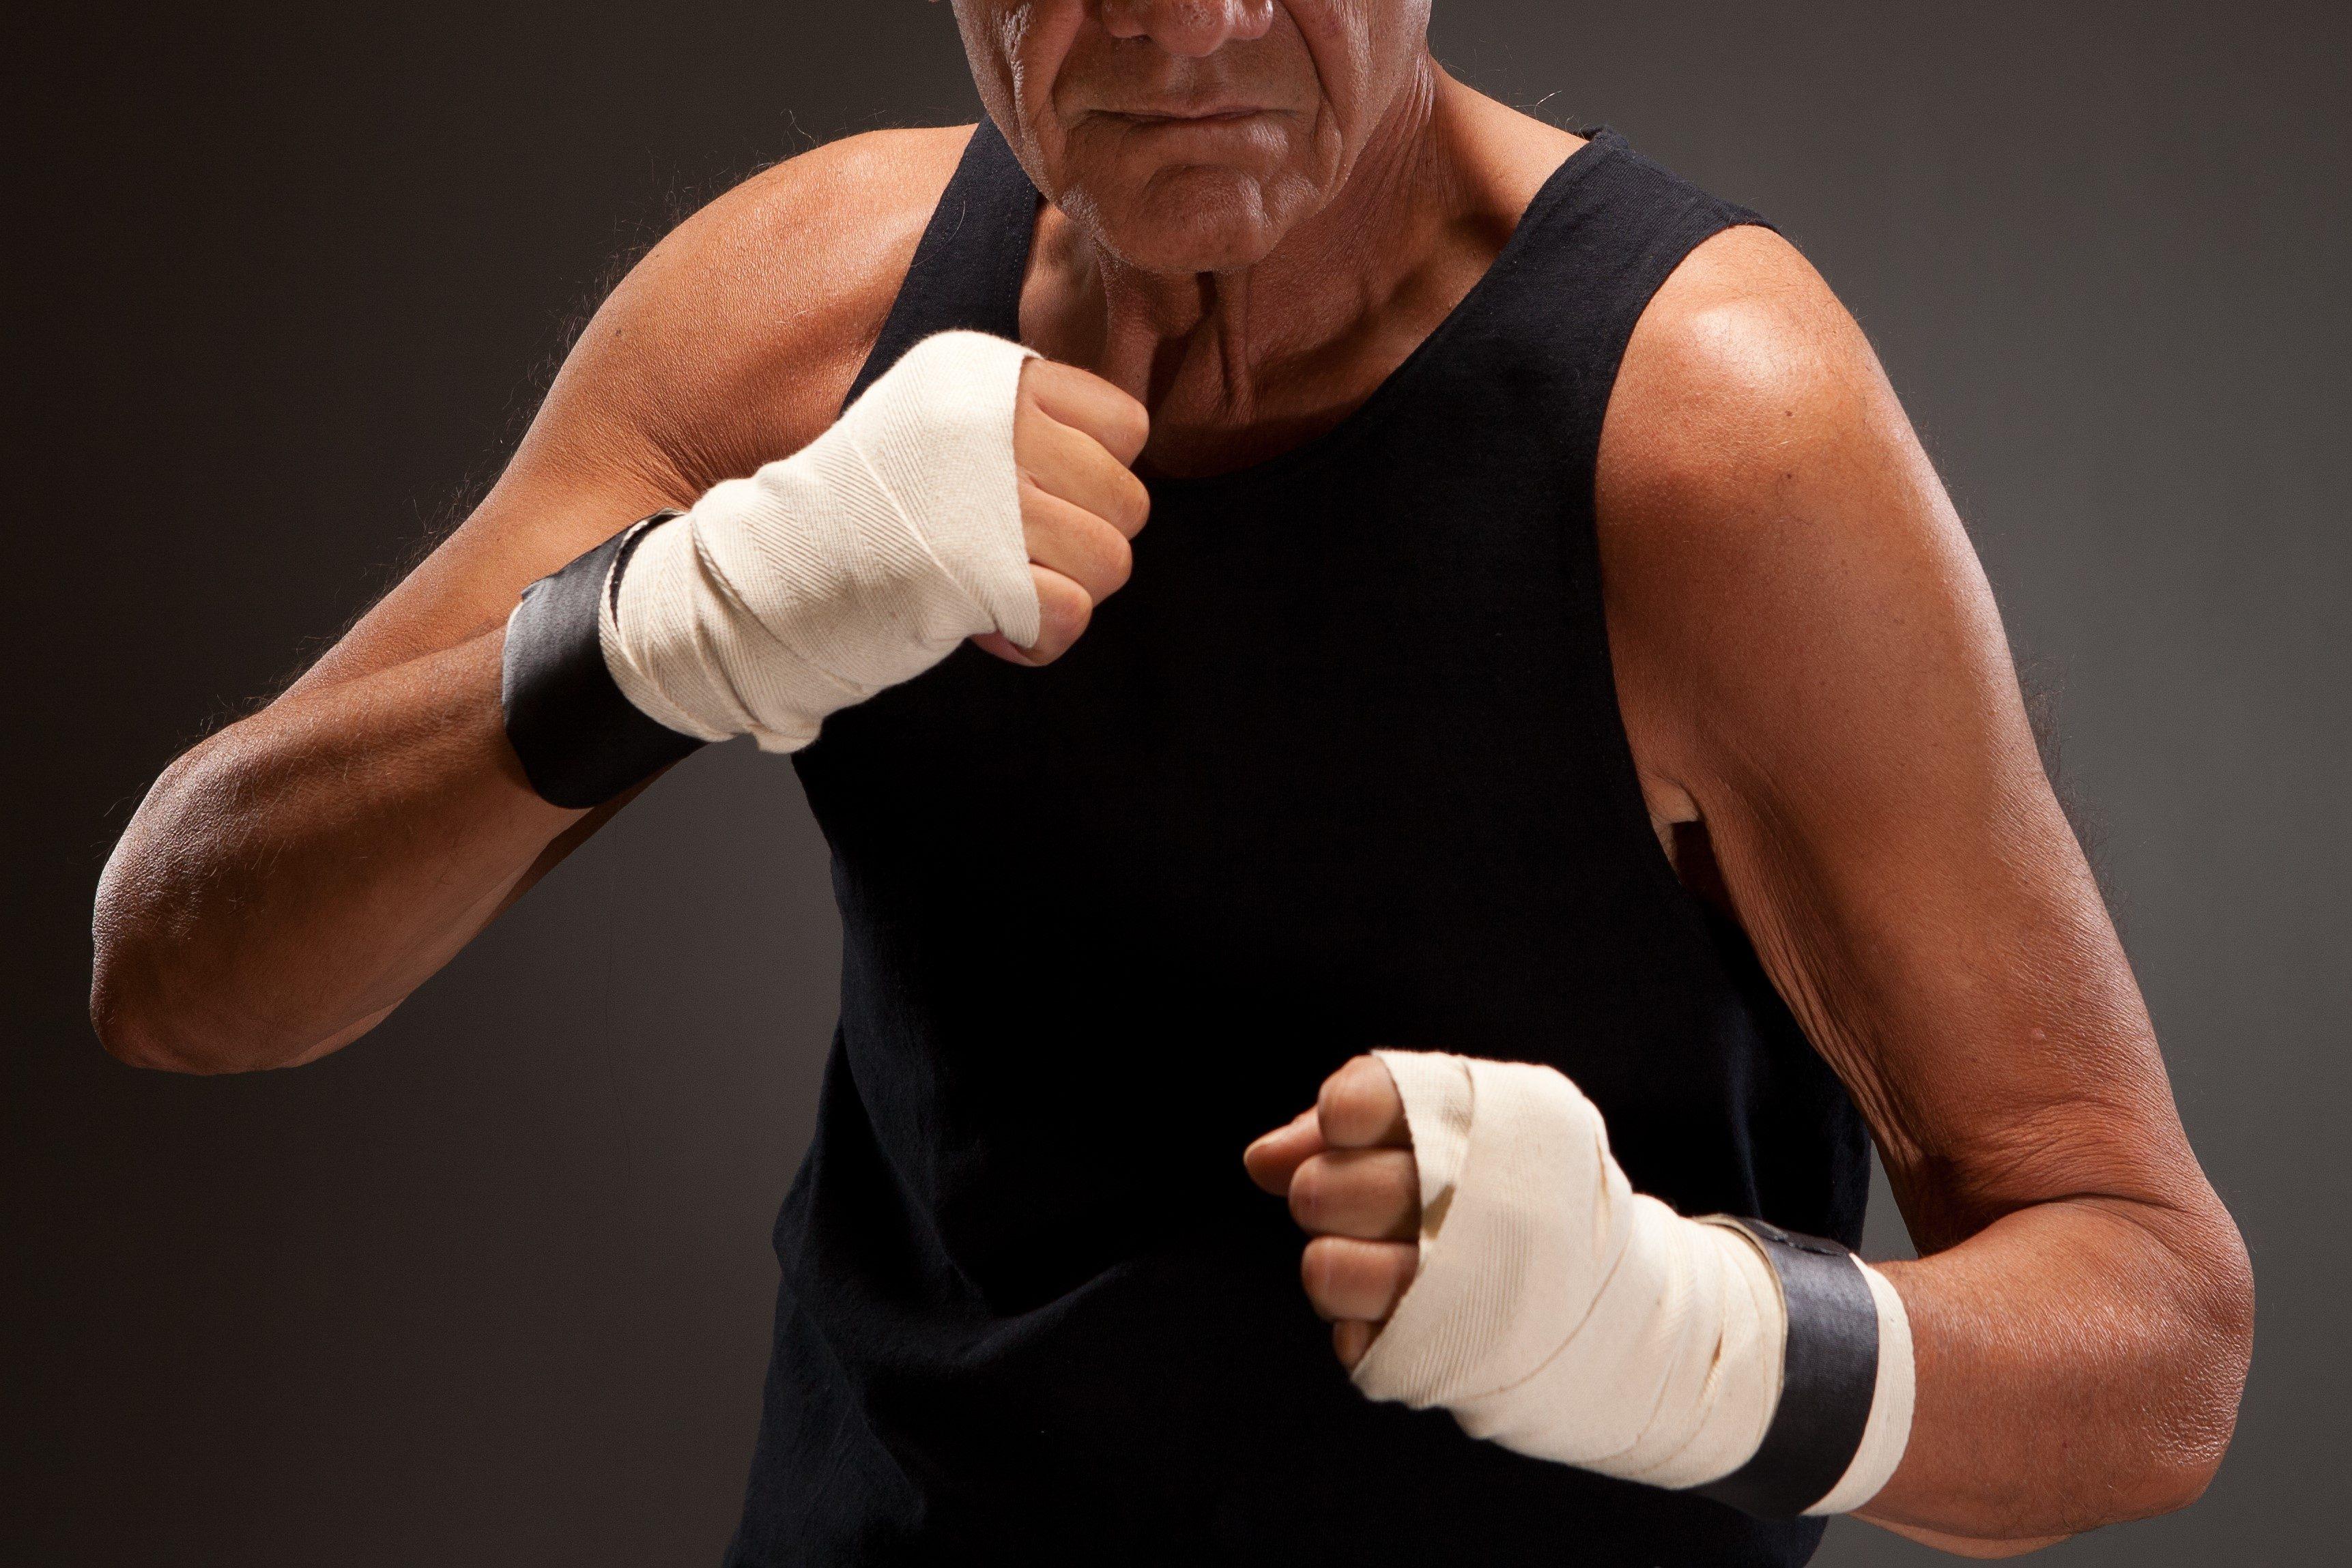 老人・男性・筋肉